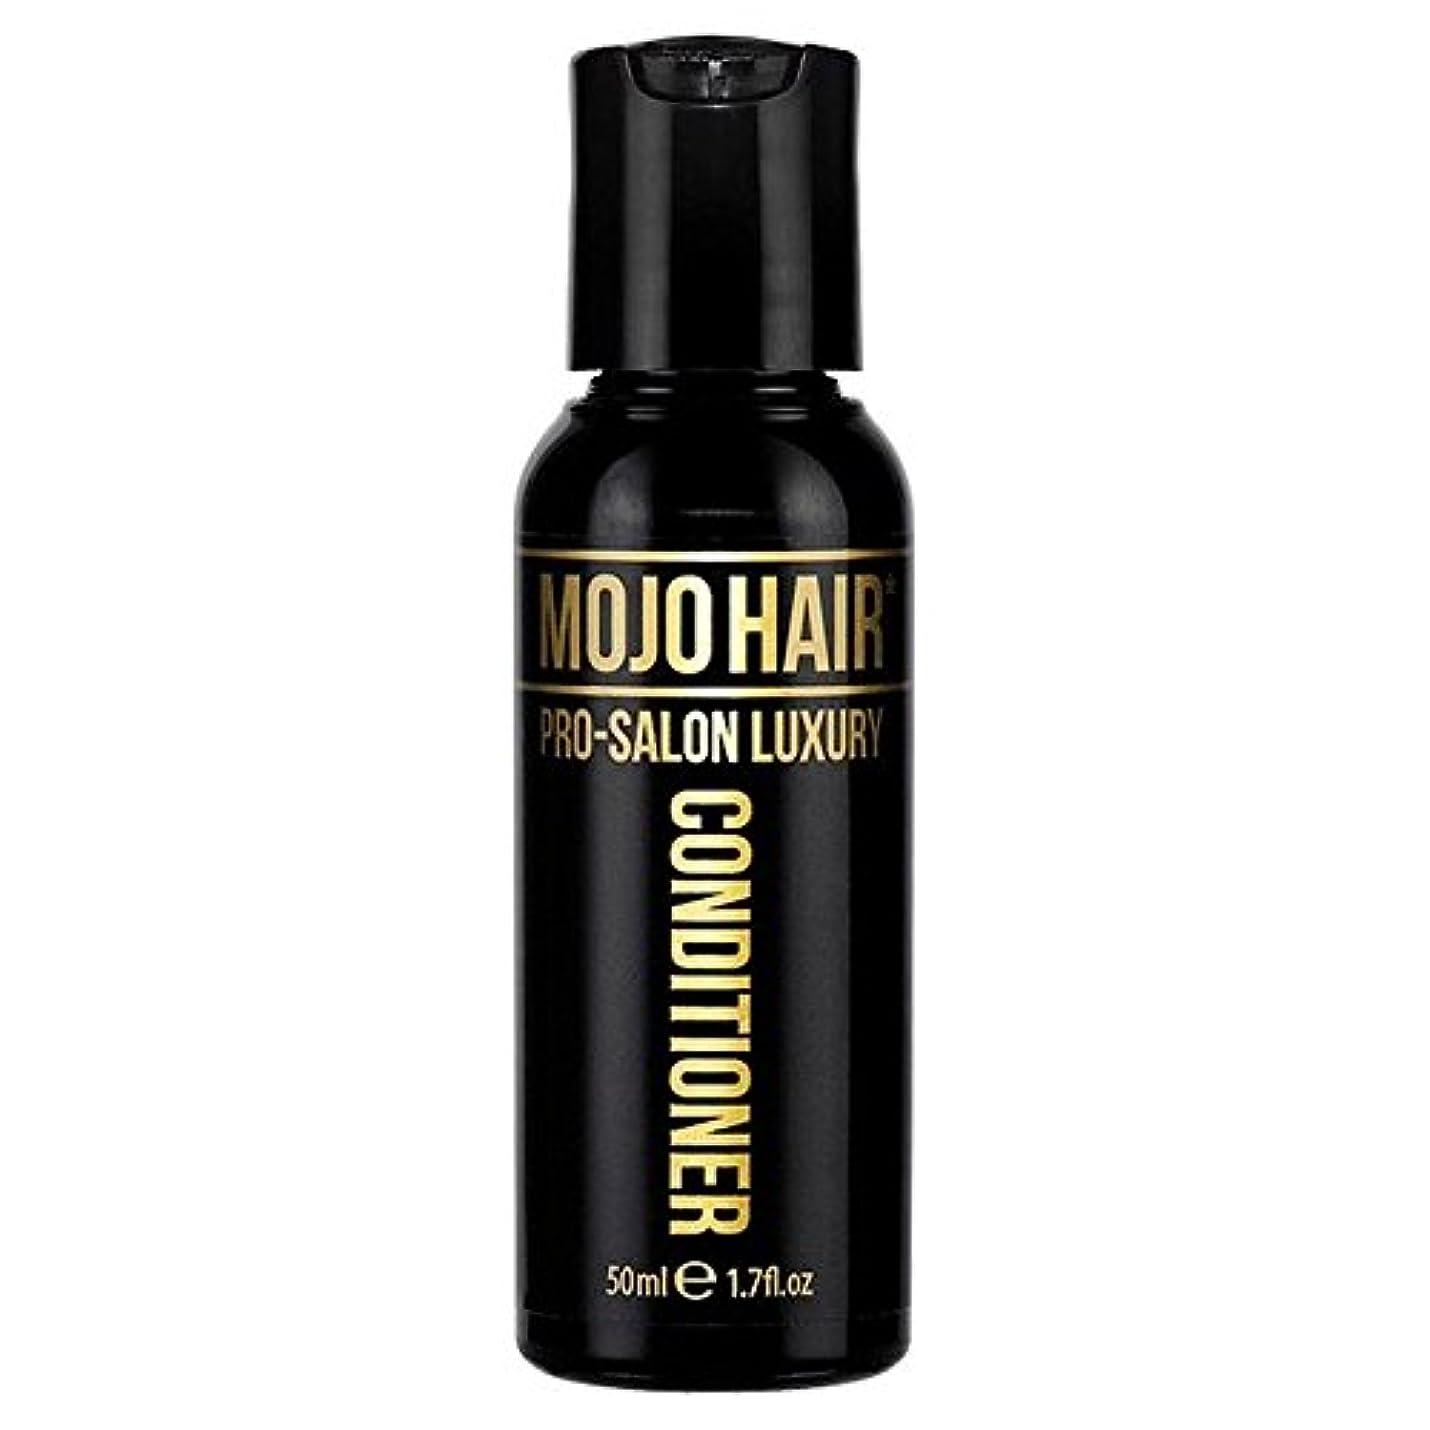 スプリットパットチーフMOJO HAIR Pro-Salon Luxury Fragrance Conditioner for Men, Travel Size 50ml - 男性のためのモジョの毛プロのサロンの贅沢な香りコンディショナー、トラベルサイズ...